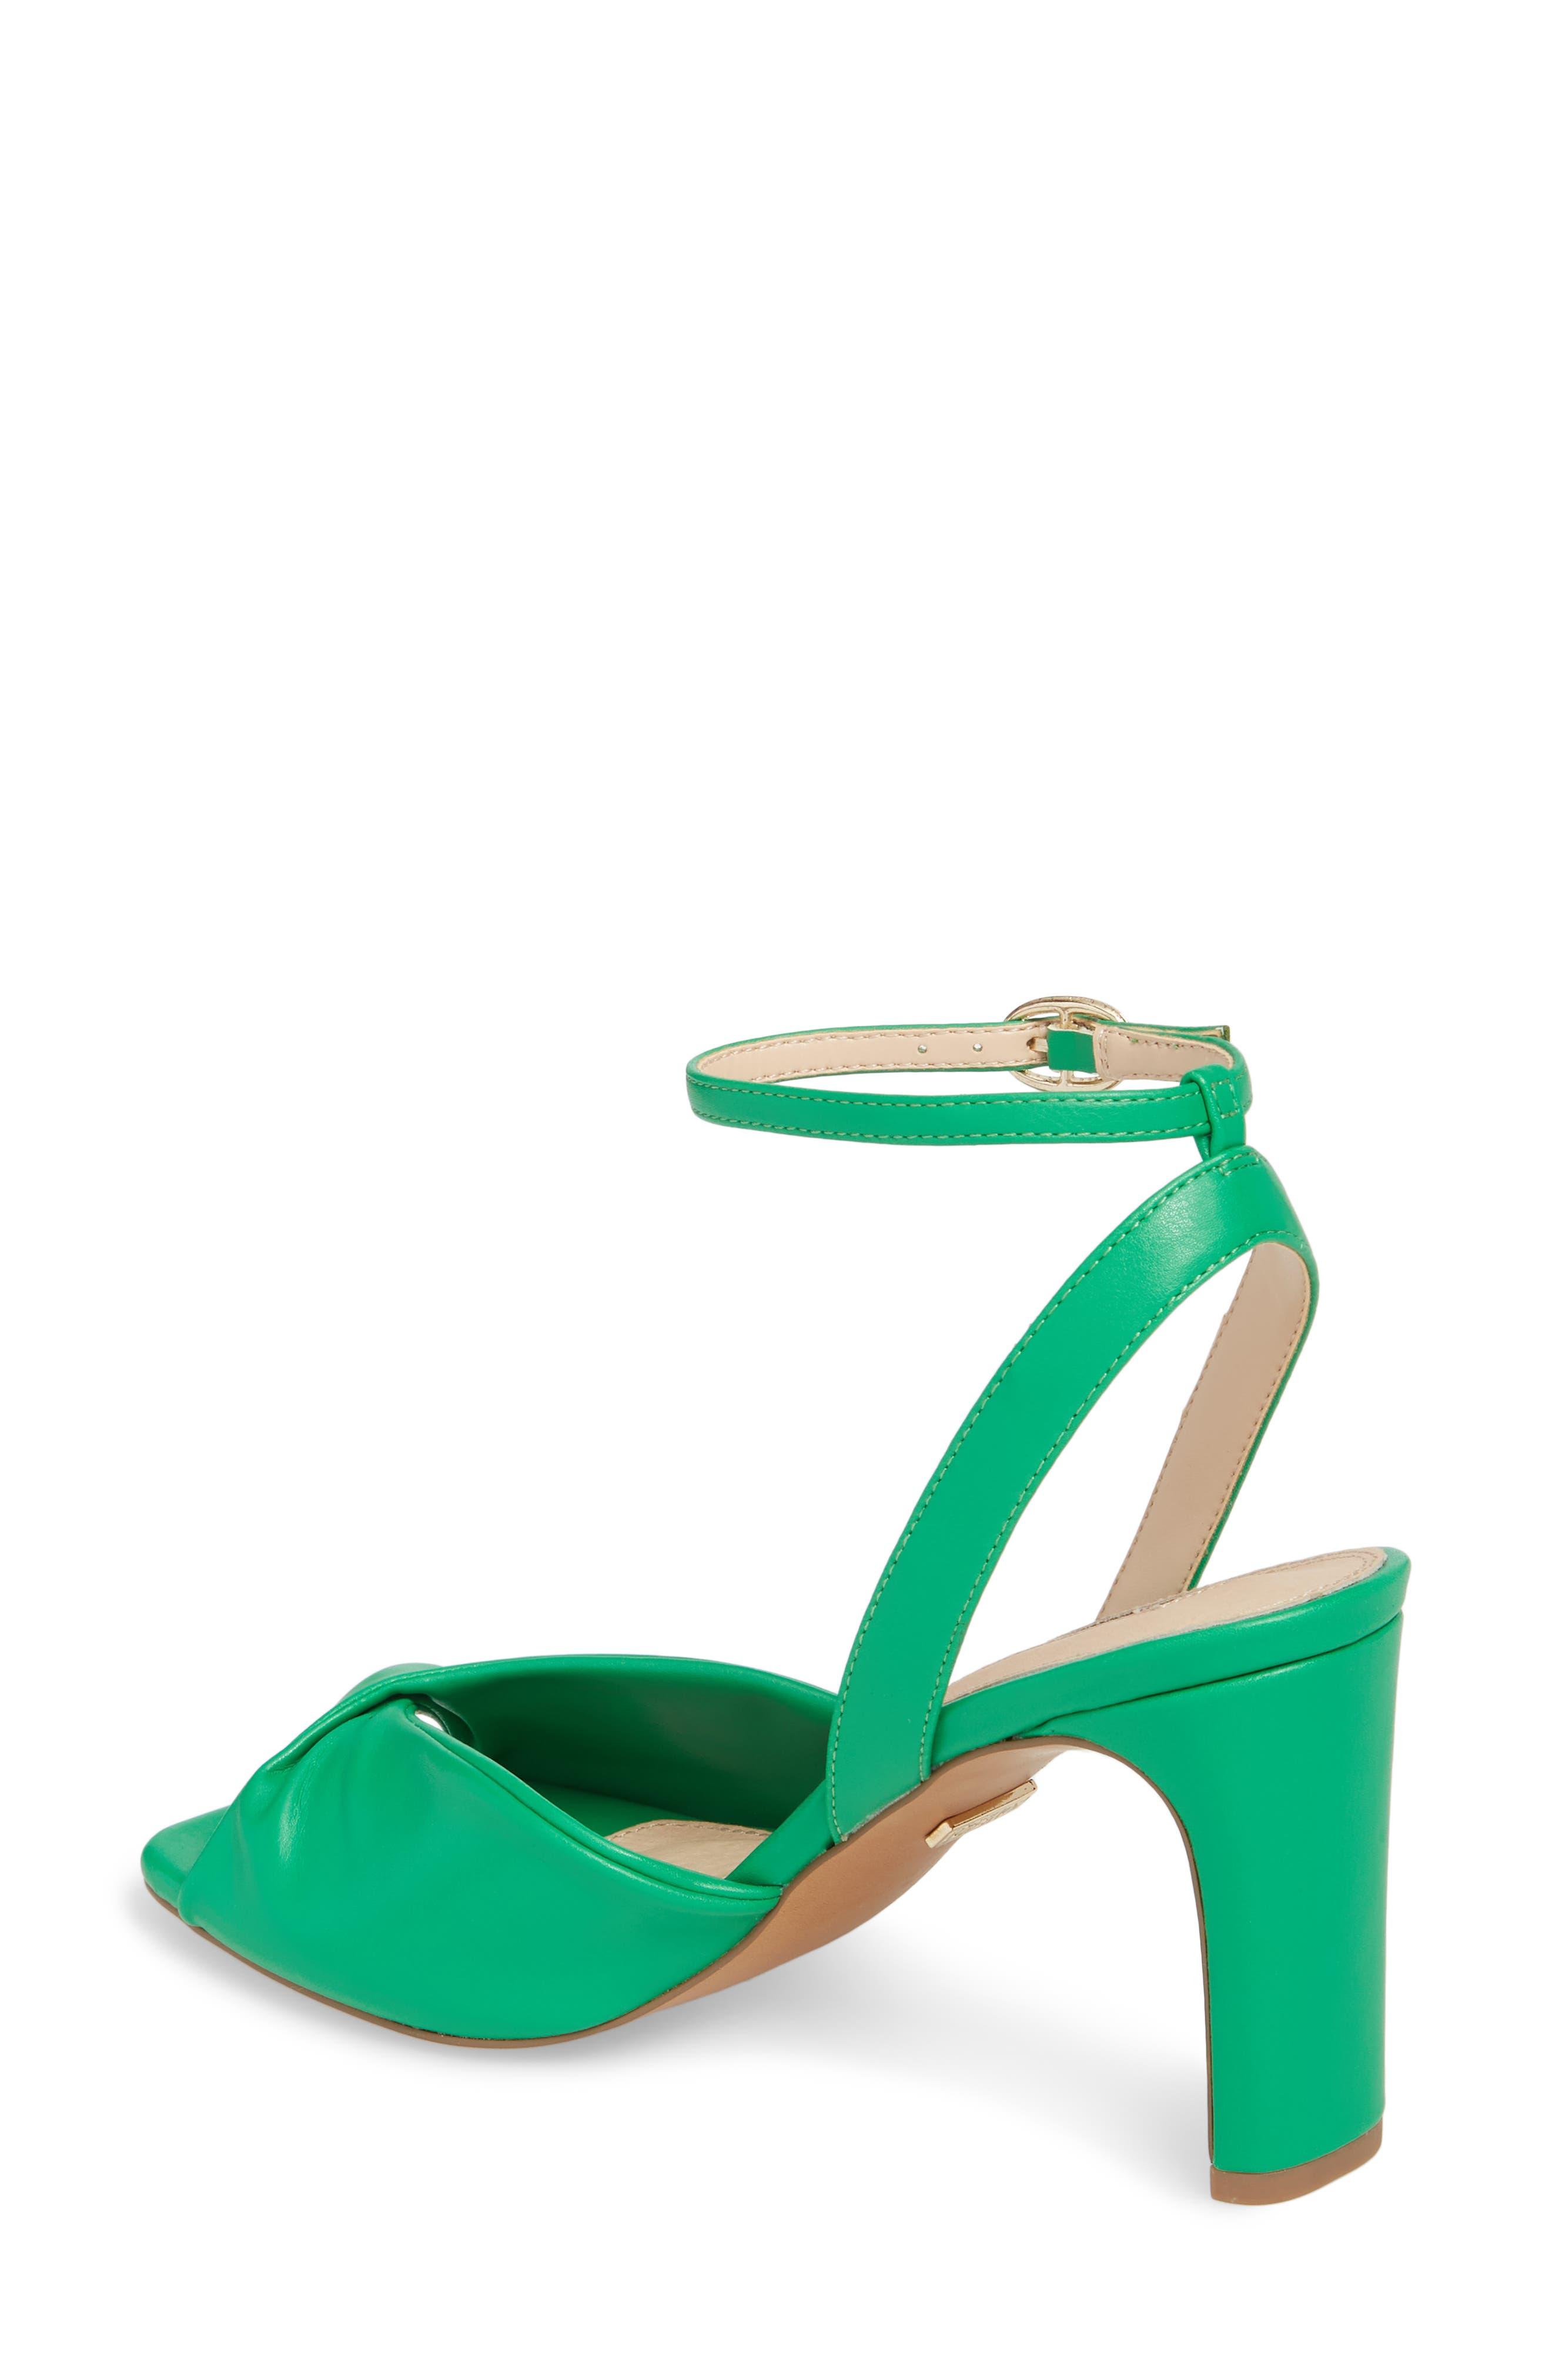 Raven Skinny Heel Sandal,                             Alternate thumbnail 2, color,                             Green